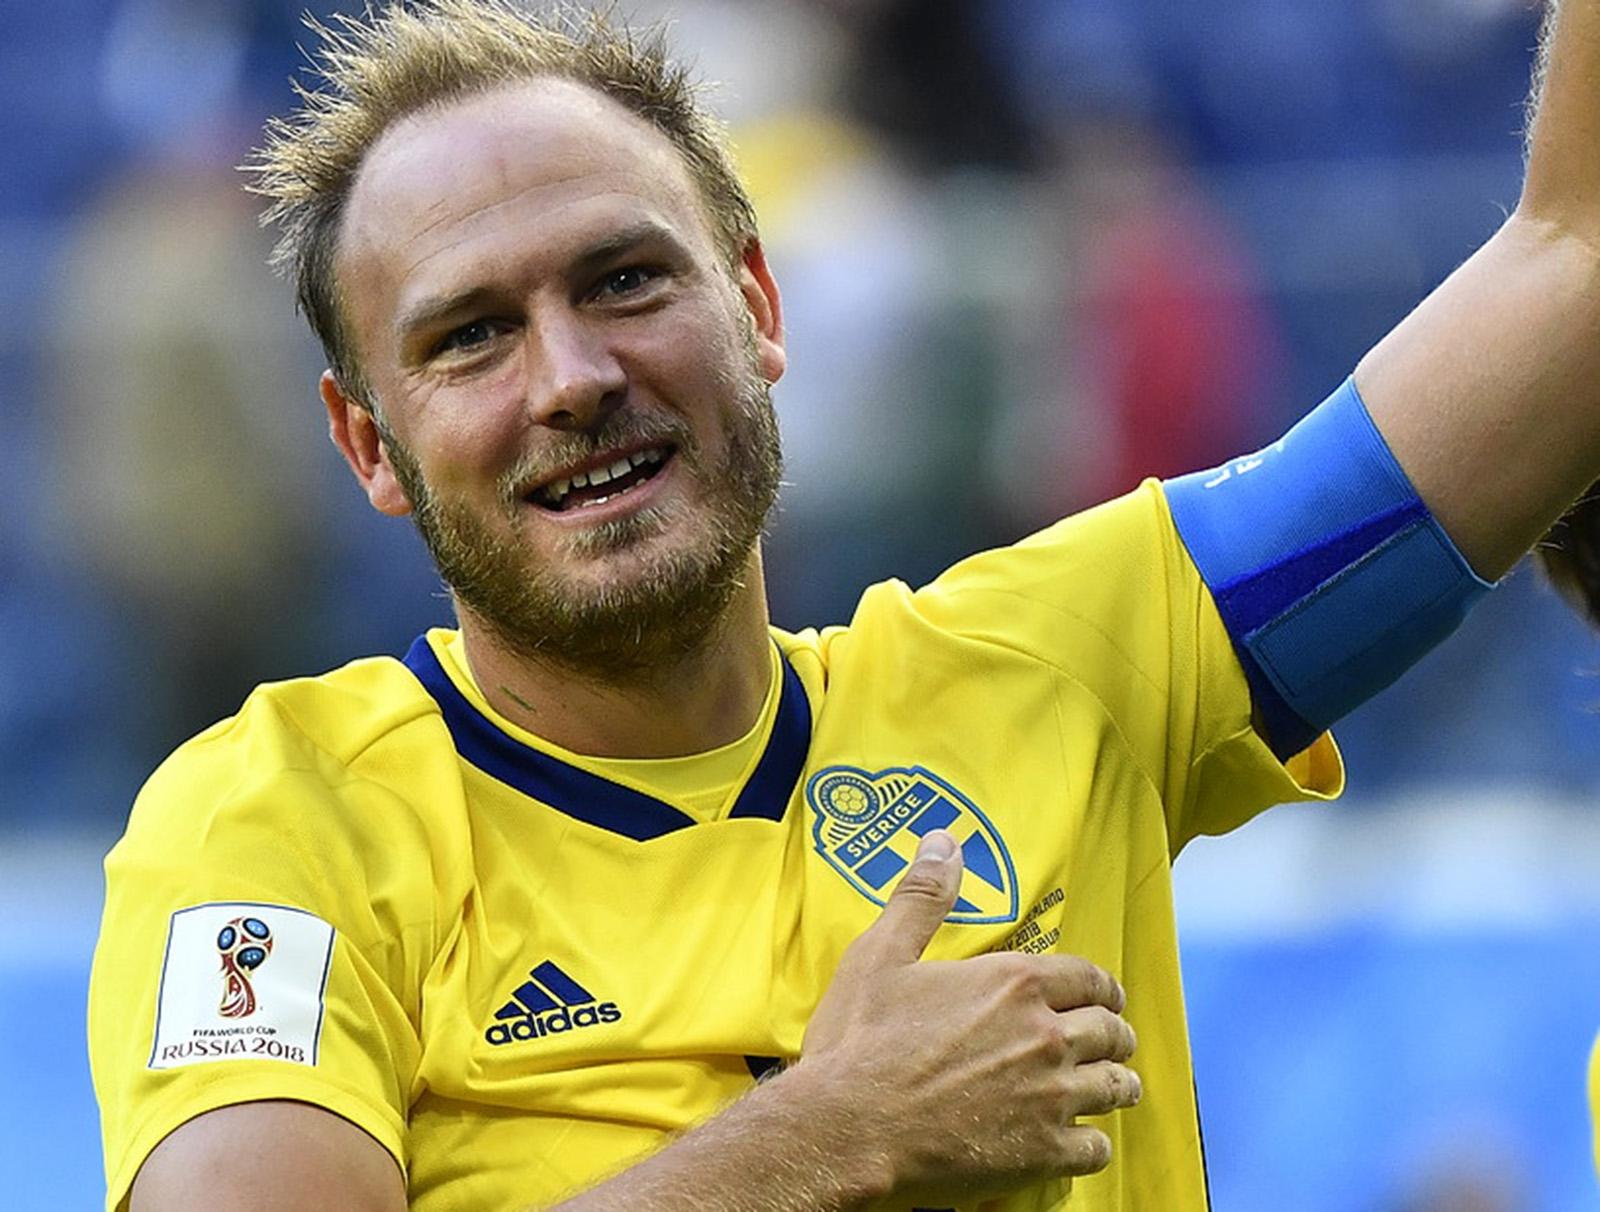 ndreas Granqvist jublar efter segern i åttondelsfinalen mot Schweiz på  Saint Petersburg Stadium under VM i Ryssland. Foto  Björn Larsson Rosvall    TT 3c9fc28b601e0